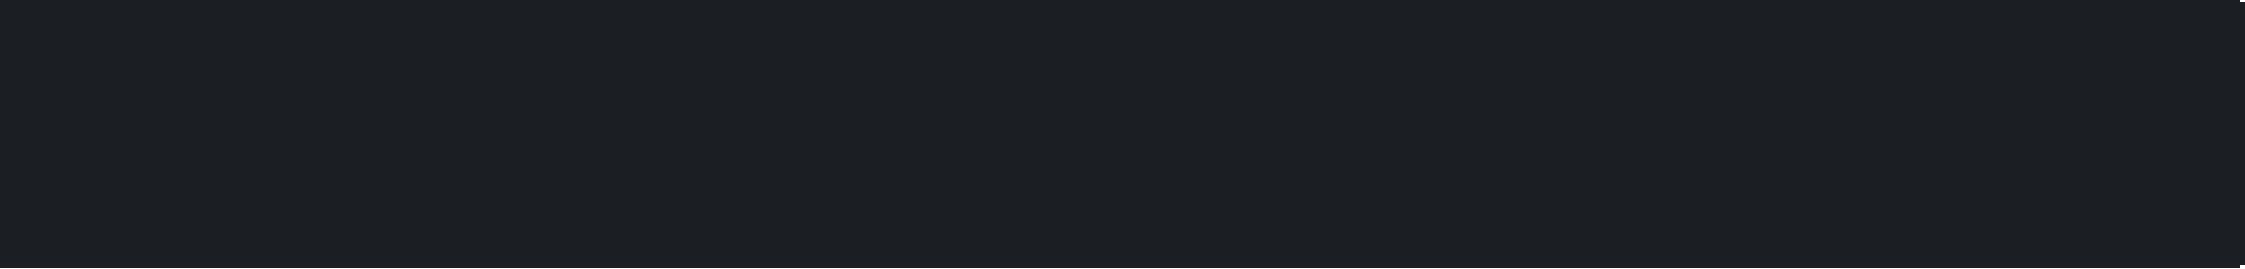 Lapse Film Logo